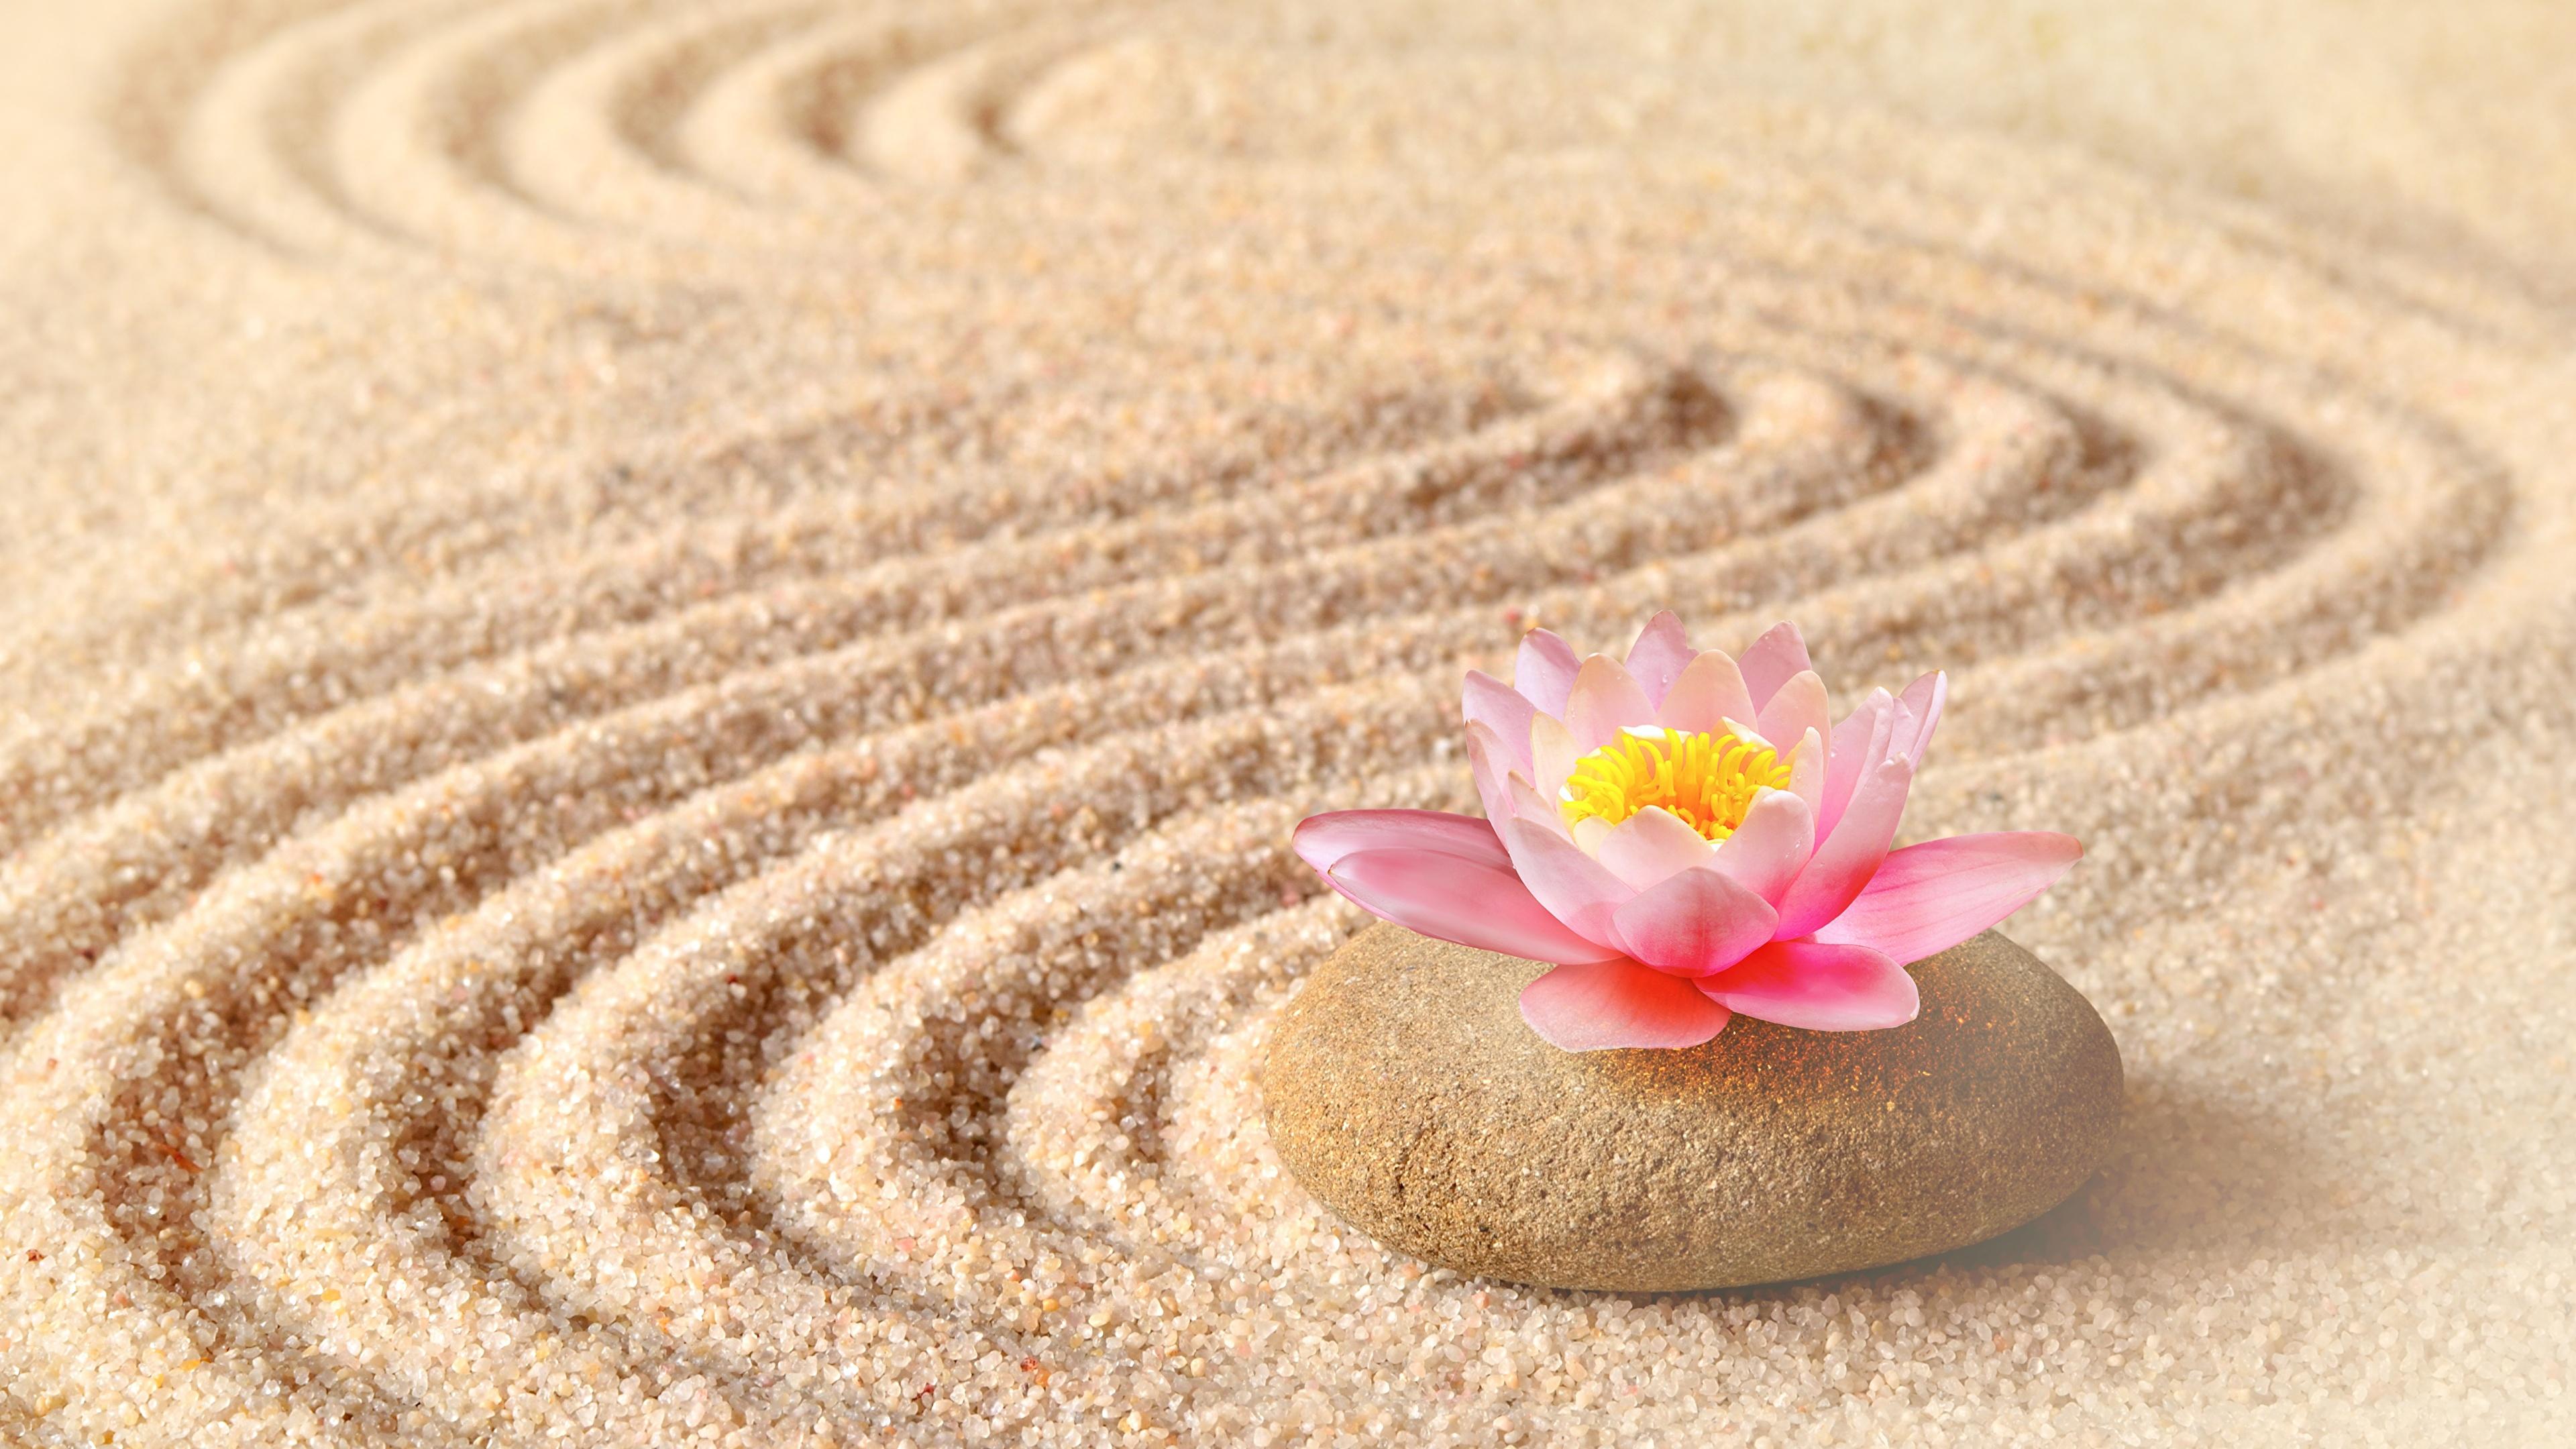 бабочка камень песок подборки